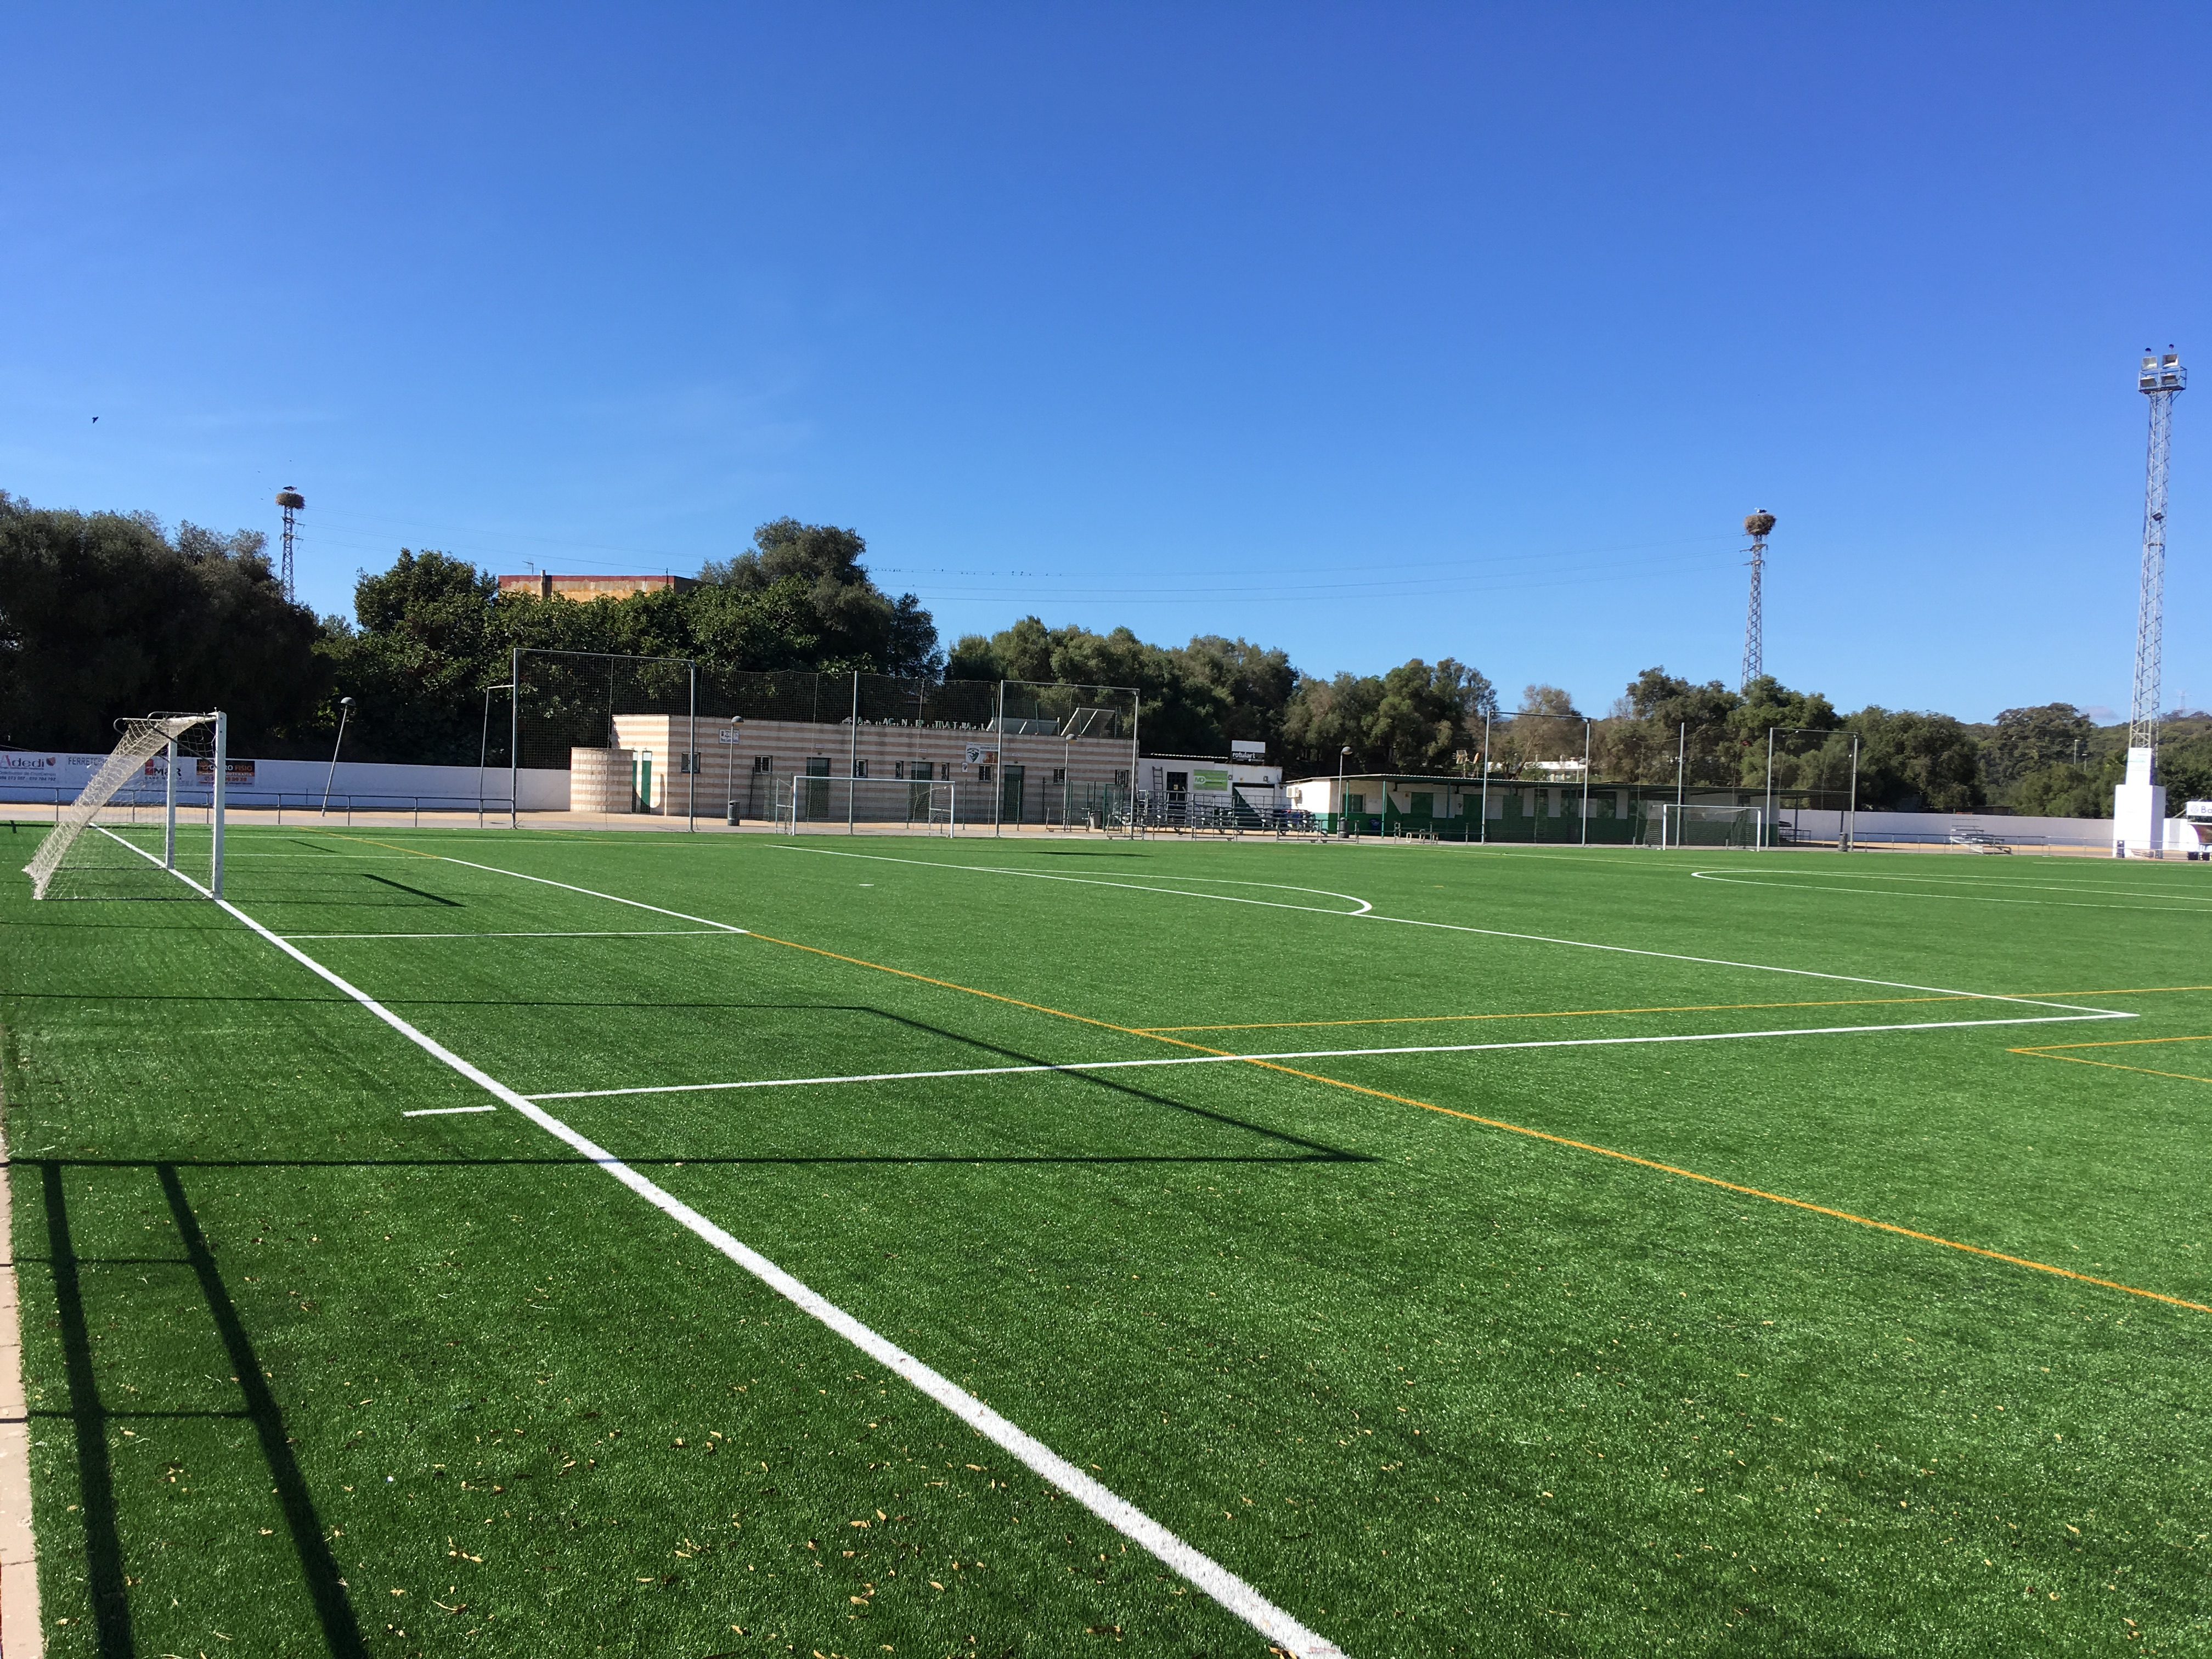 Campo de Fútbol municipal Hnos García Mota – San Roque, Cádiz Image